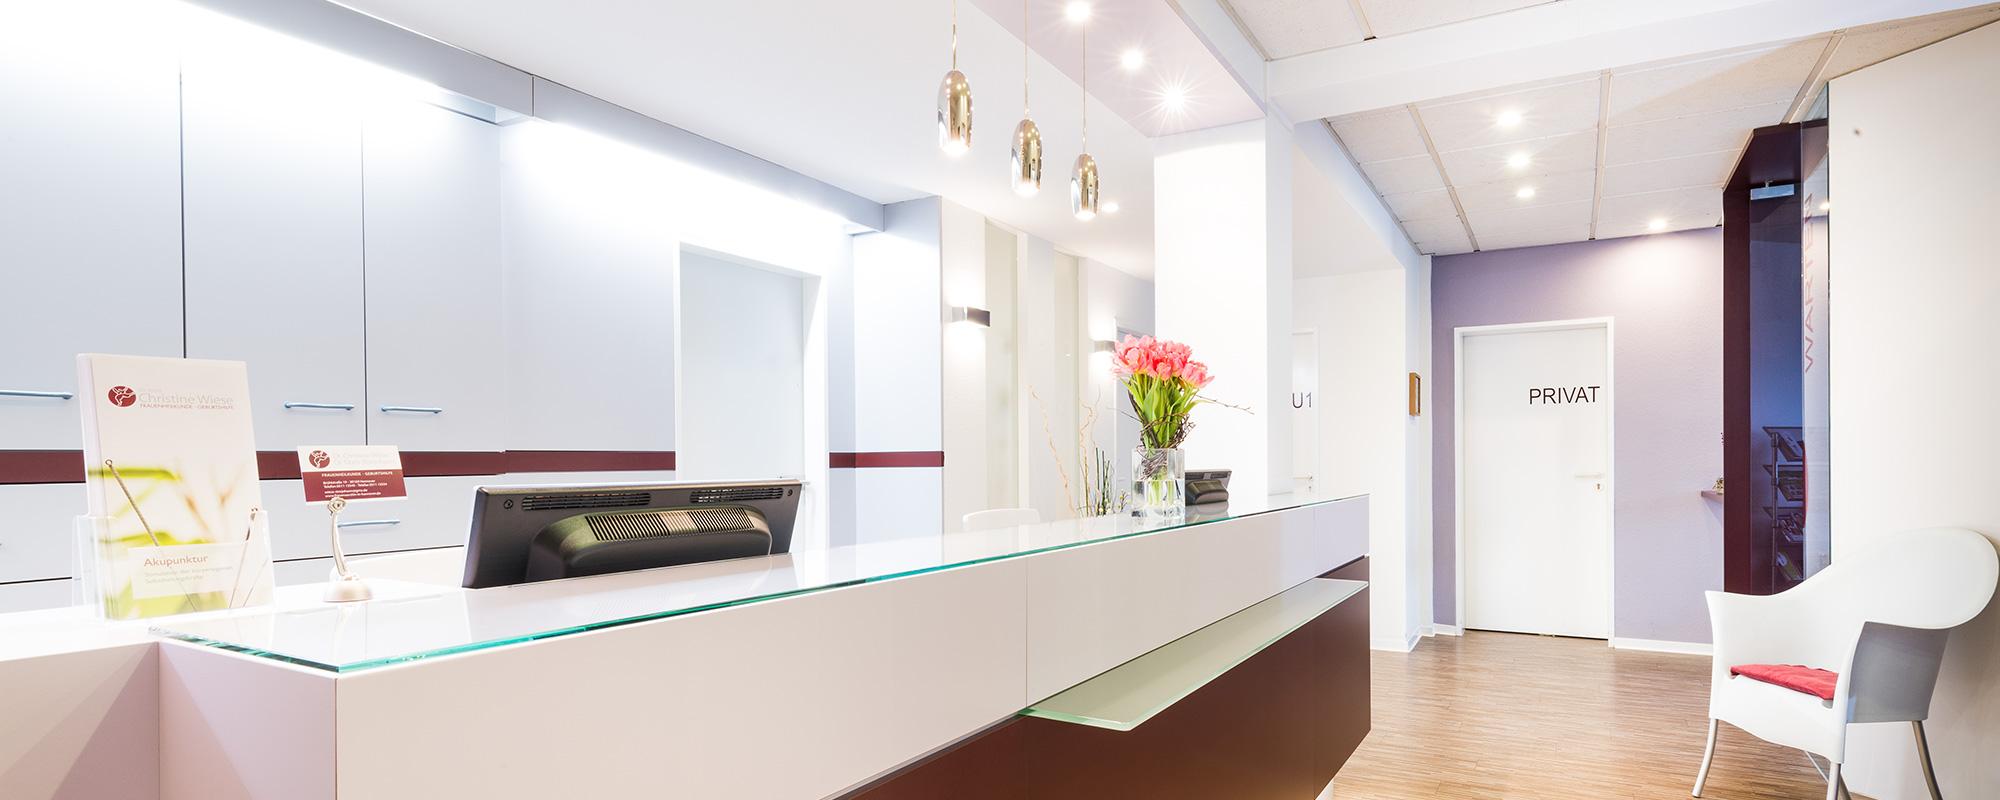 <b>Willkommen</b> in unserer Frauenarztpraxis im Zentrum Hannovers